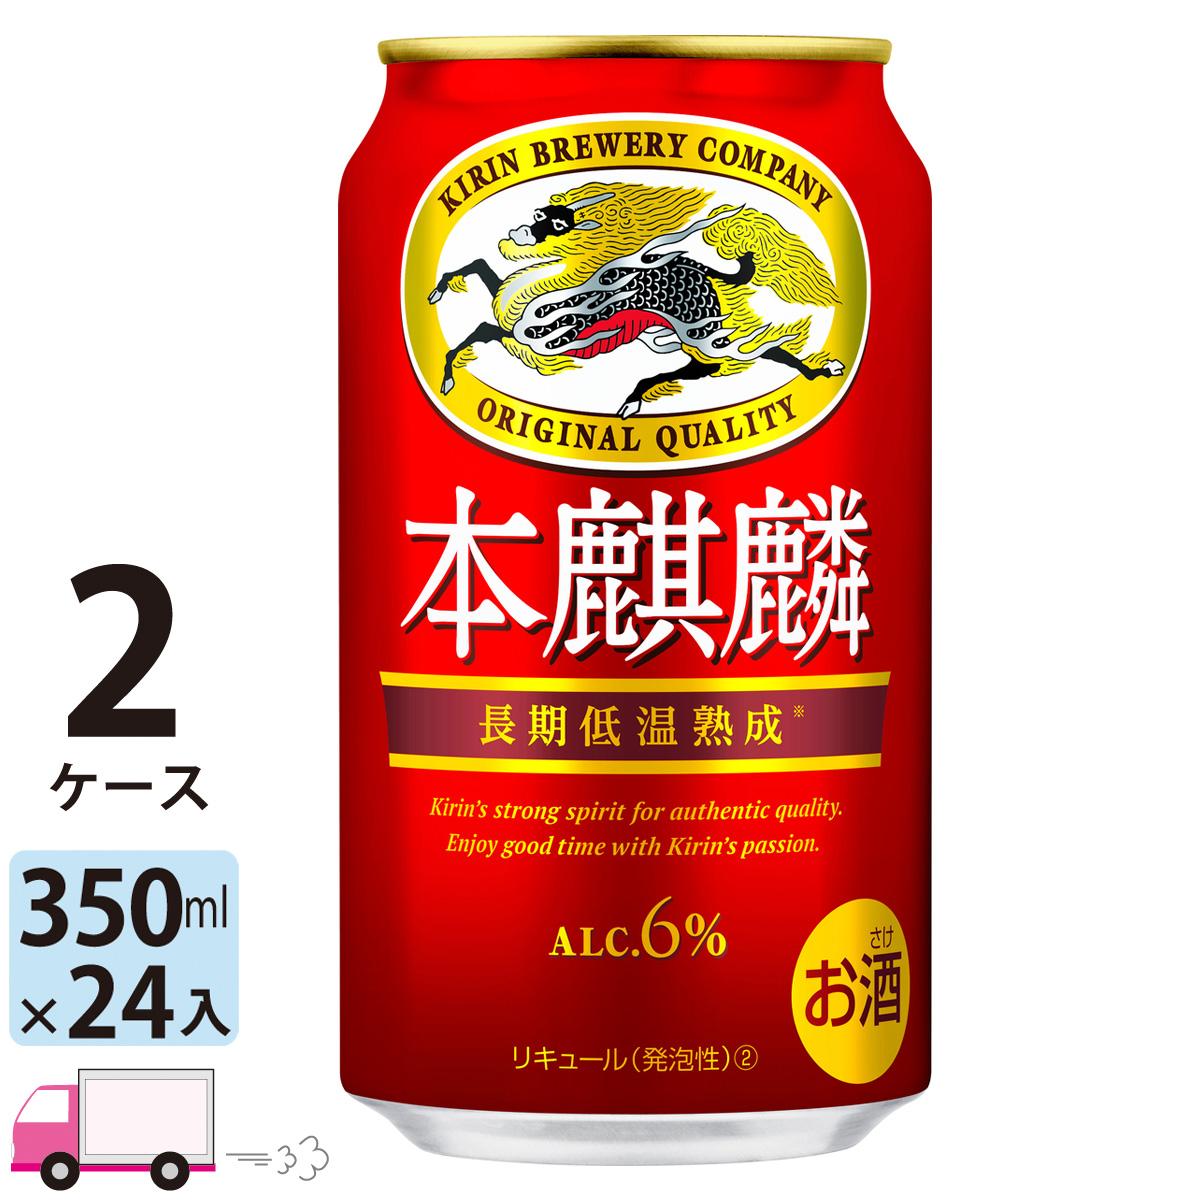 力強いうまさとコク!そんな新ジャンルです。 送料無料 キリン ビール 本麒麟 350ml 24缶入 2ケース (48本)